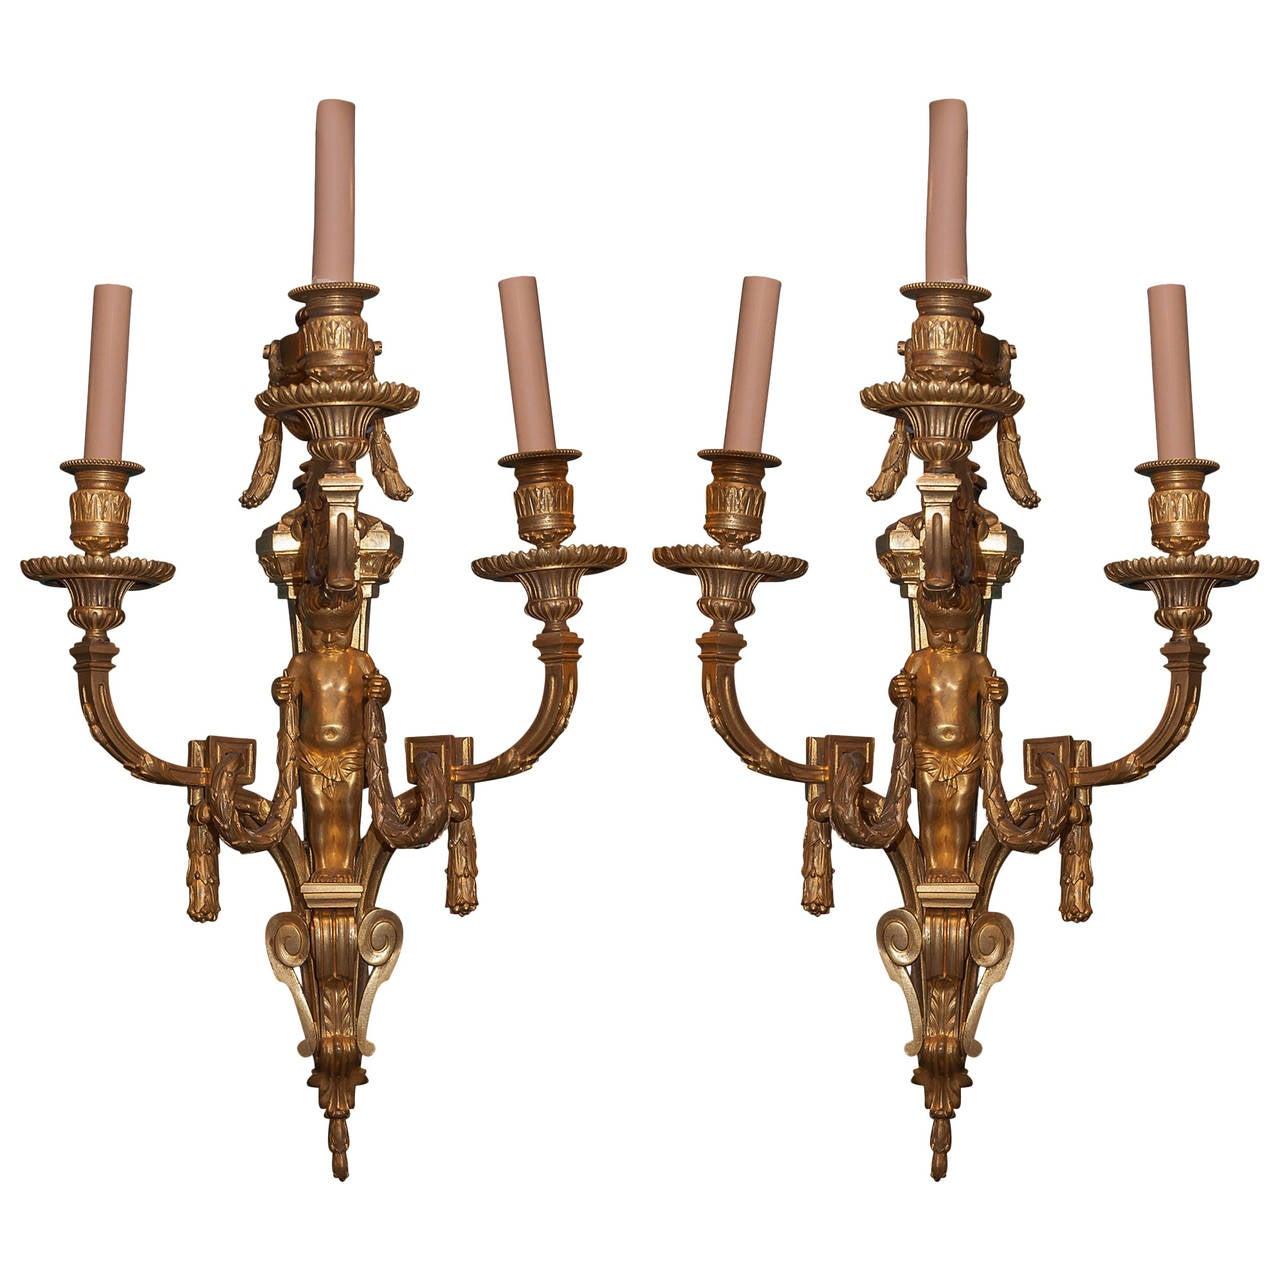 Pair of Gilt Bronze Fgural Louis XVI Style Three-Arm Wall Light Sconces